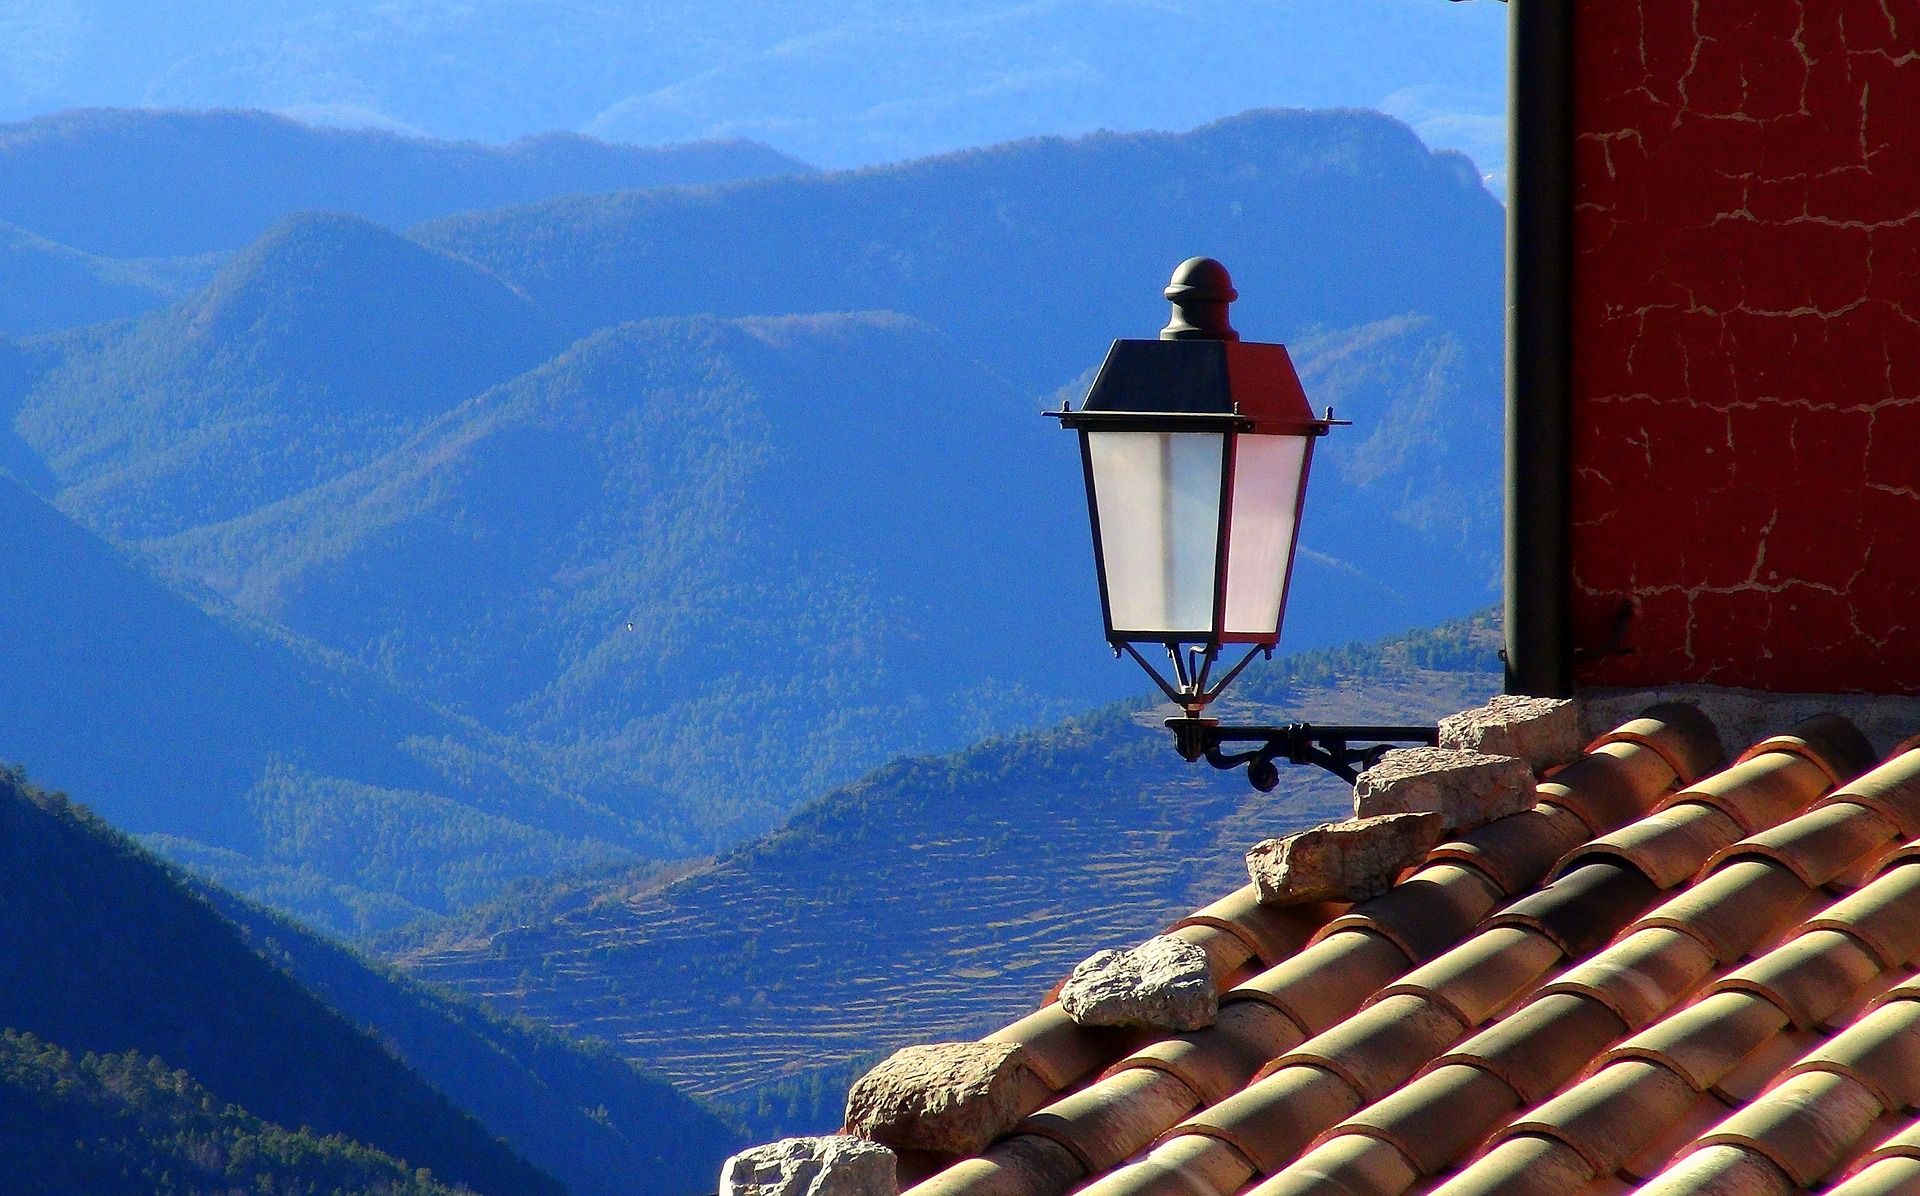 Топ-11 ідеї для фотосесії на даху, або як зробити незвичайний знімок